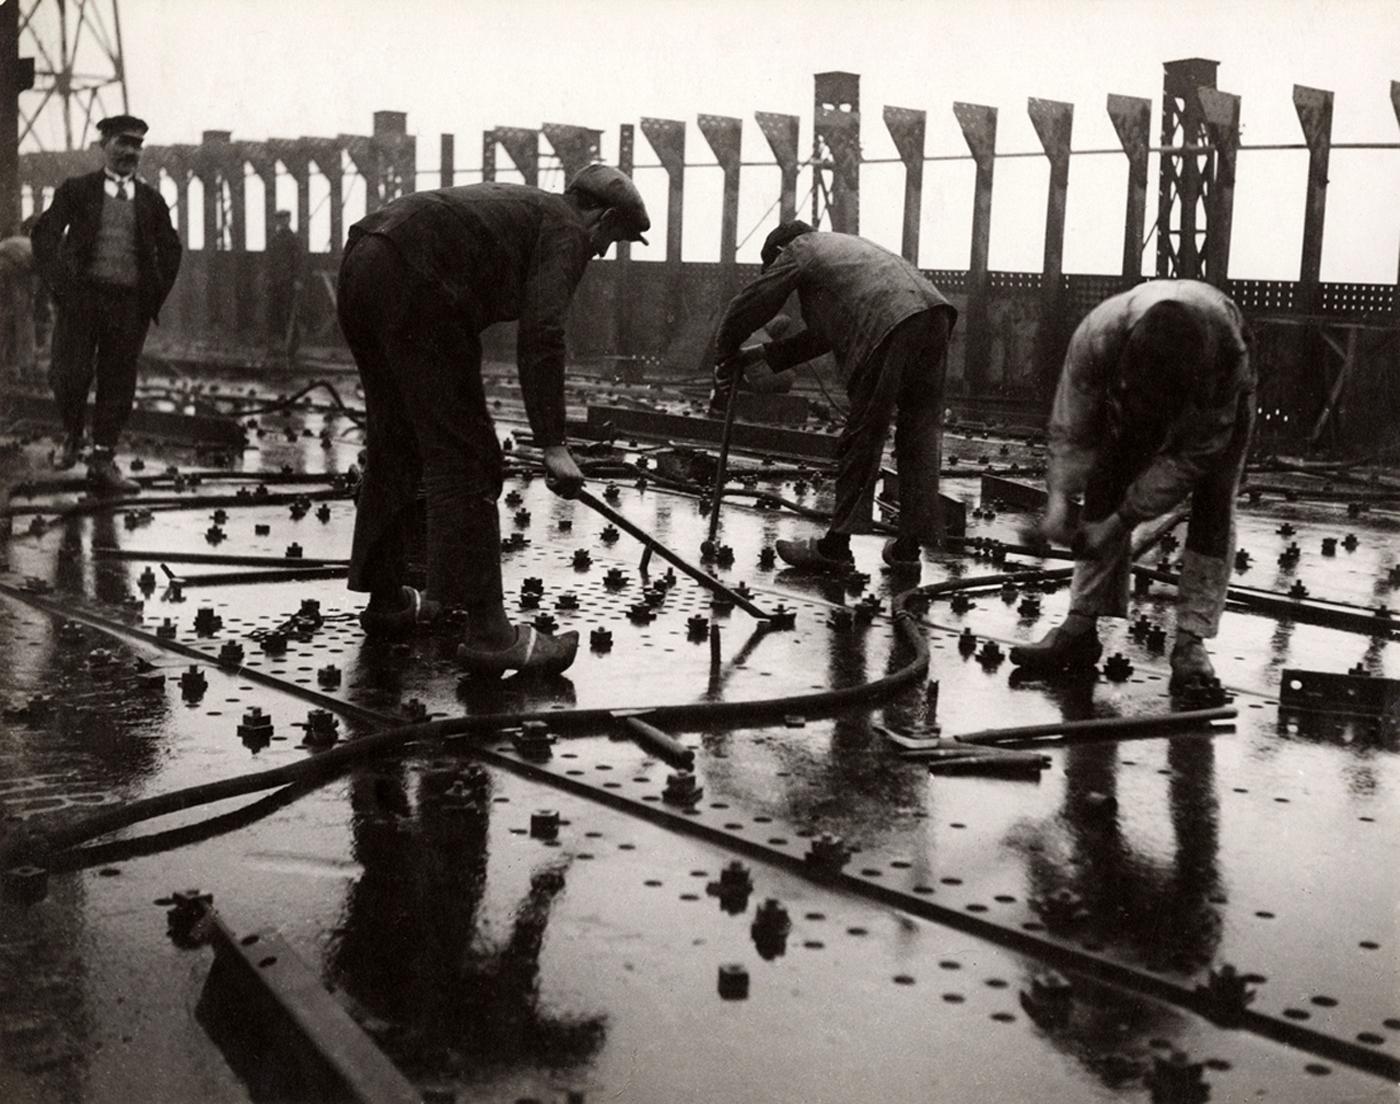 """François Kollar, """"Construction des grands paquebots. Rivetage de tôles d'un pont de navire, chantier et ateliers de Saint-Nazaire à Penhoët"""" (1931–32), 28,9 x 23,5 cm (donation François Kollar, Médiathèque de l'architecture et du patrimoine, Charenton-le-Pont)"""